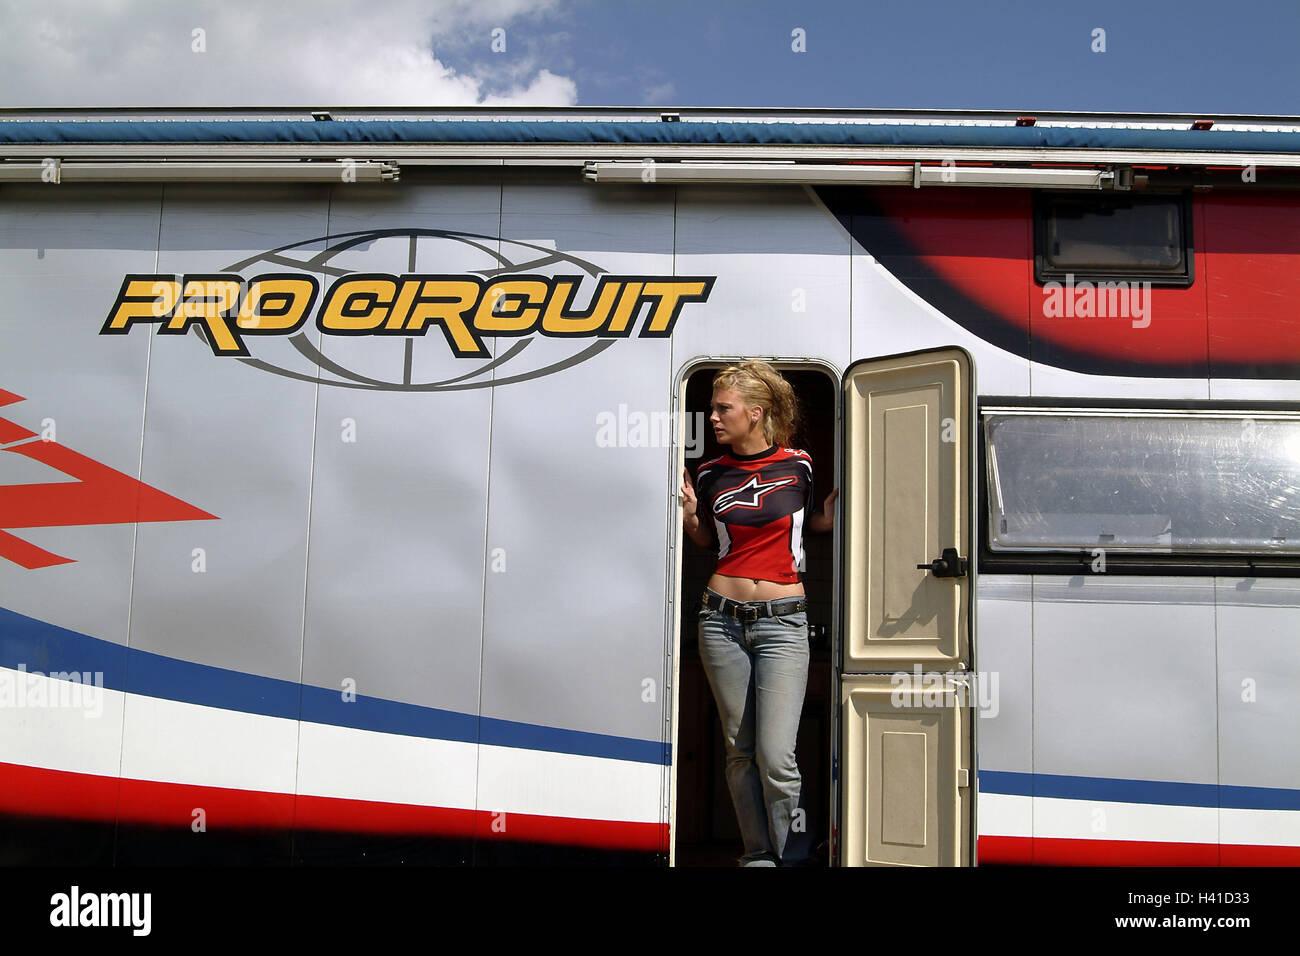 Garage Voor Camper : Moto cross garage camper door woman view page motorcycle sport